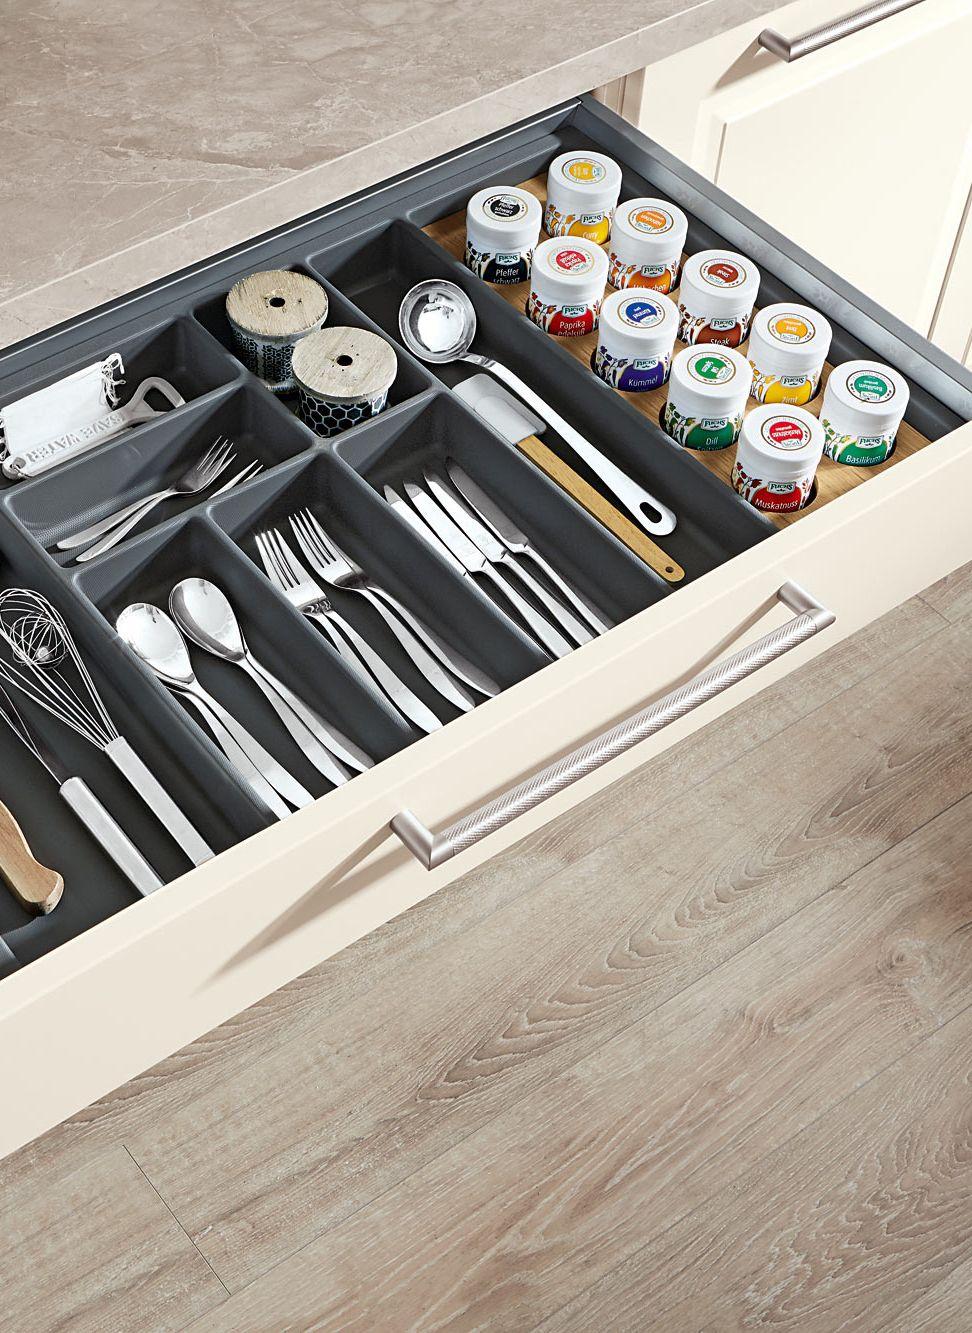 Brauchst du Ordnung in deiner Küche? Mit ganze einfachen Tricks